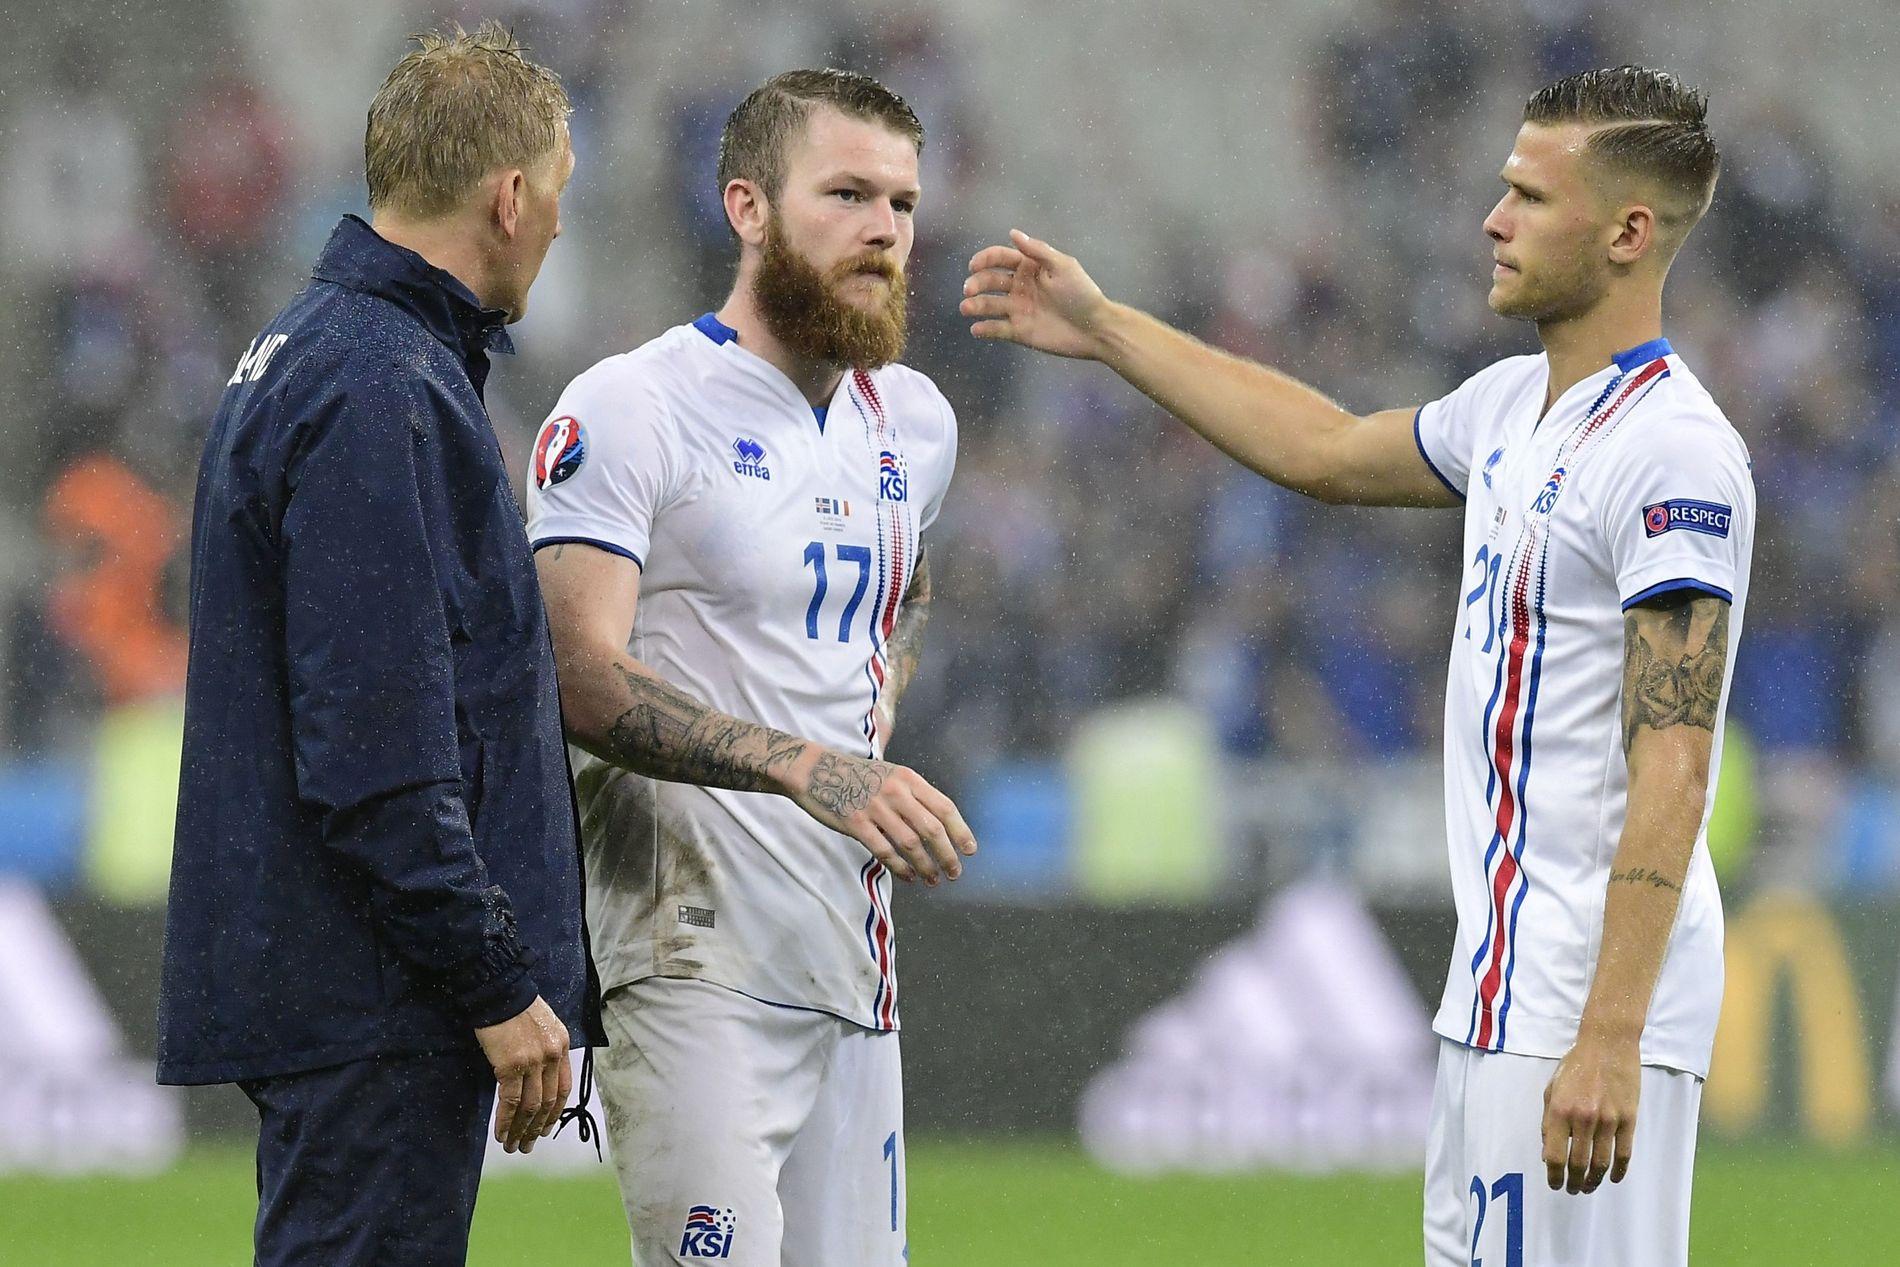 HEVET HODE: Aron Gunnarsson sammen med Arnor Ingvi Traustasson og den påtroppende landslagssjefen Heimir Hallgrimsson etter tapet mot Frankrike.